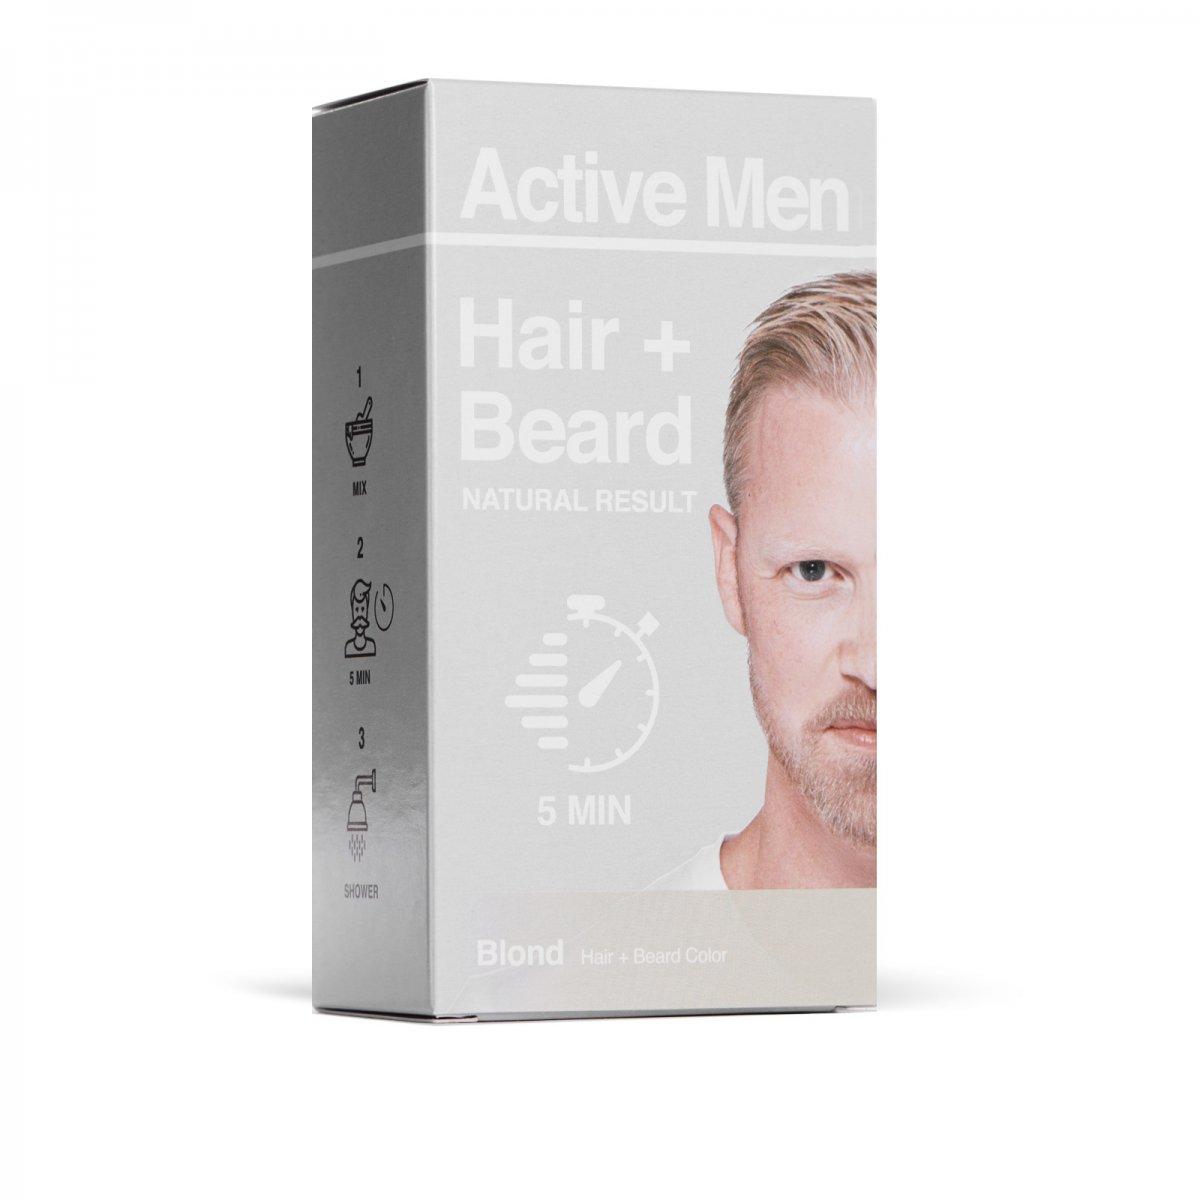 Active Men - Skägg- och Hårfärg - Blond